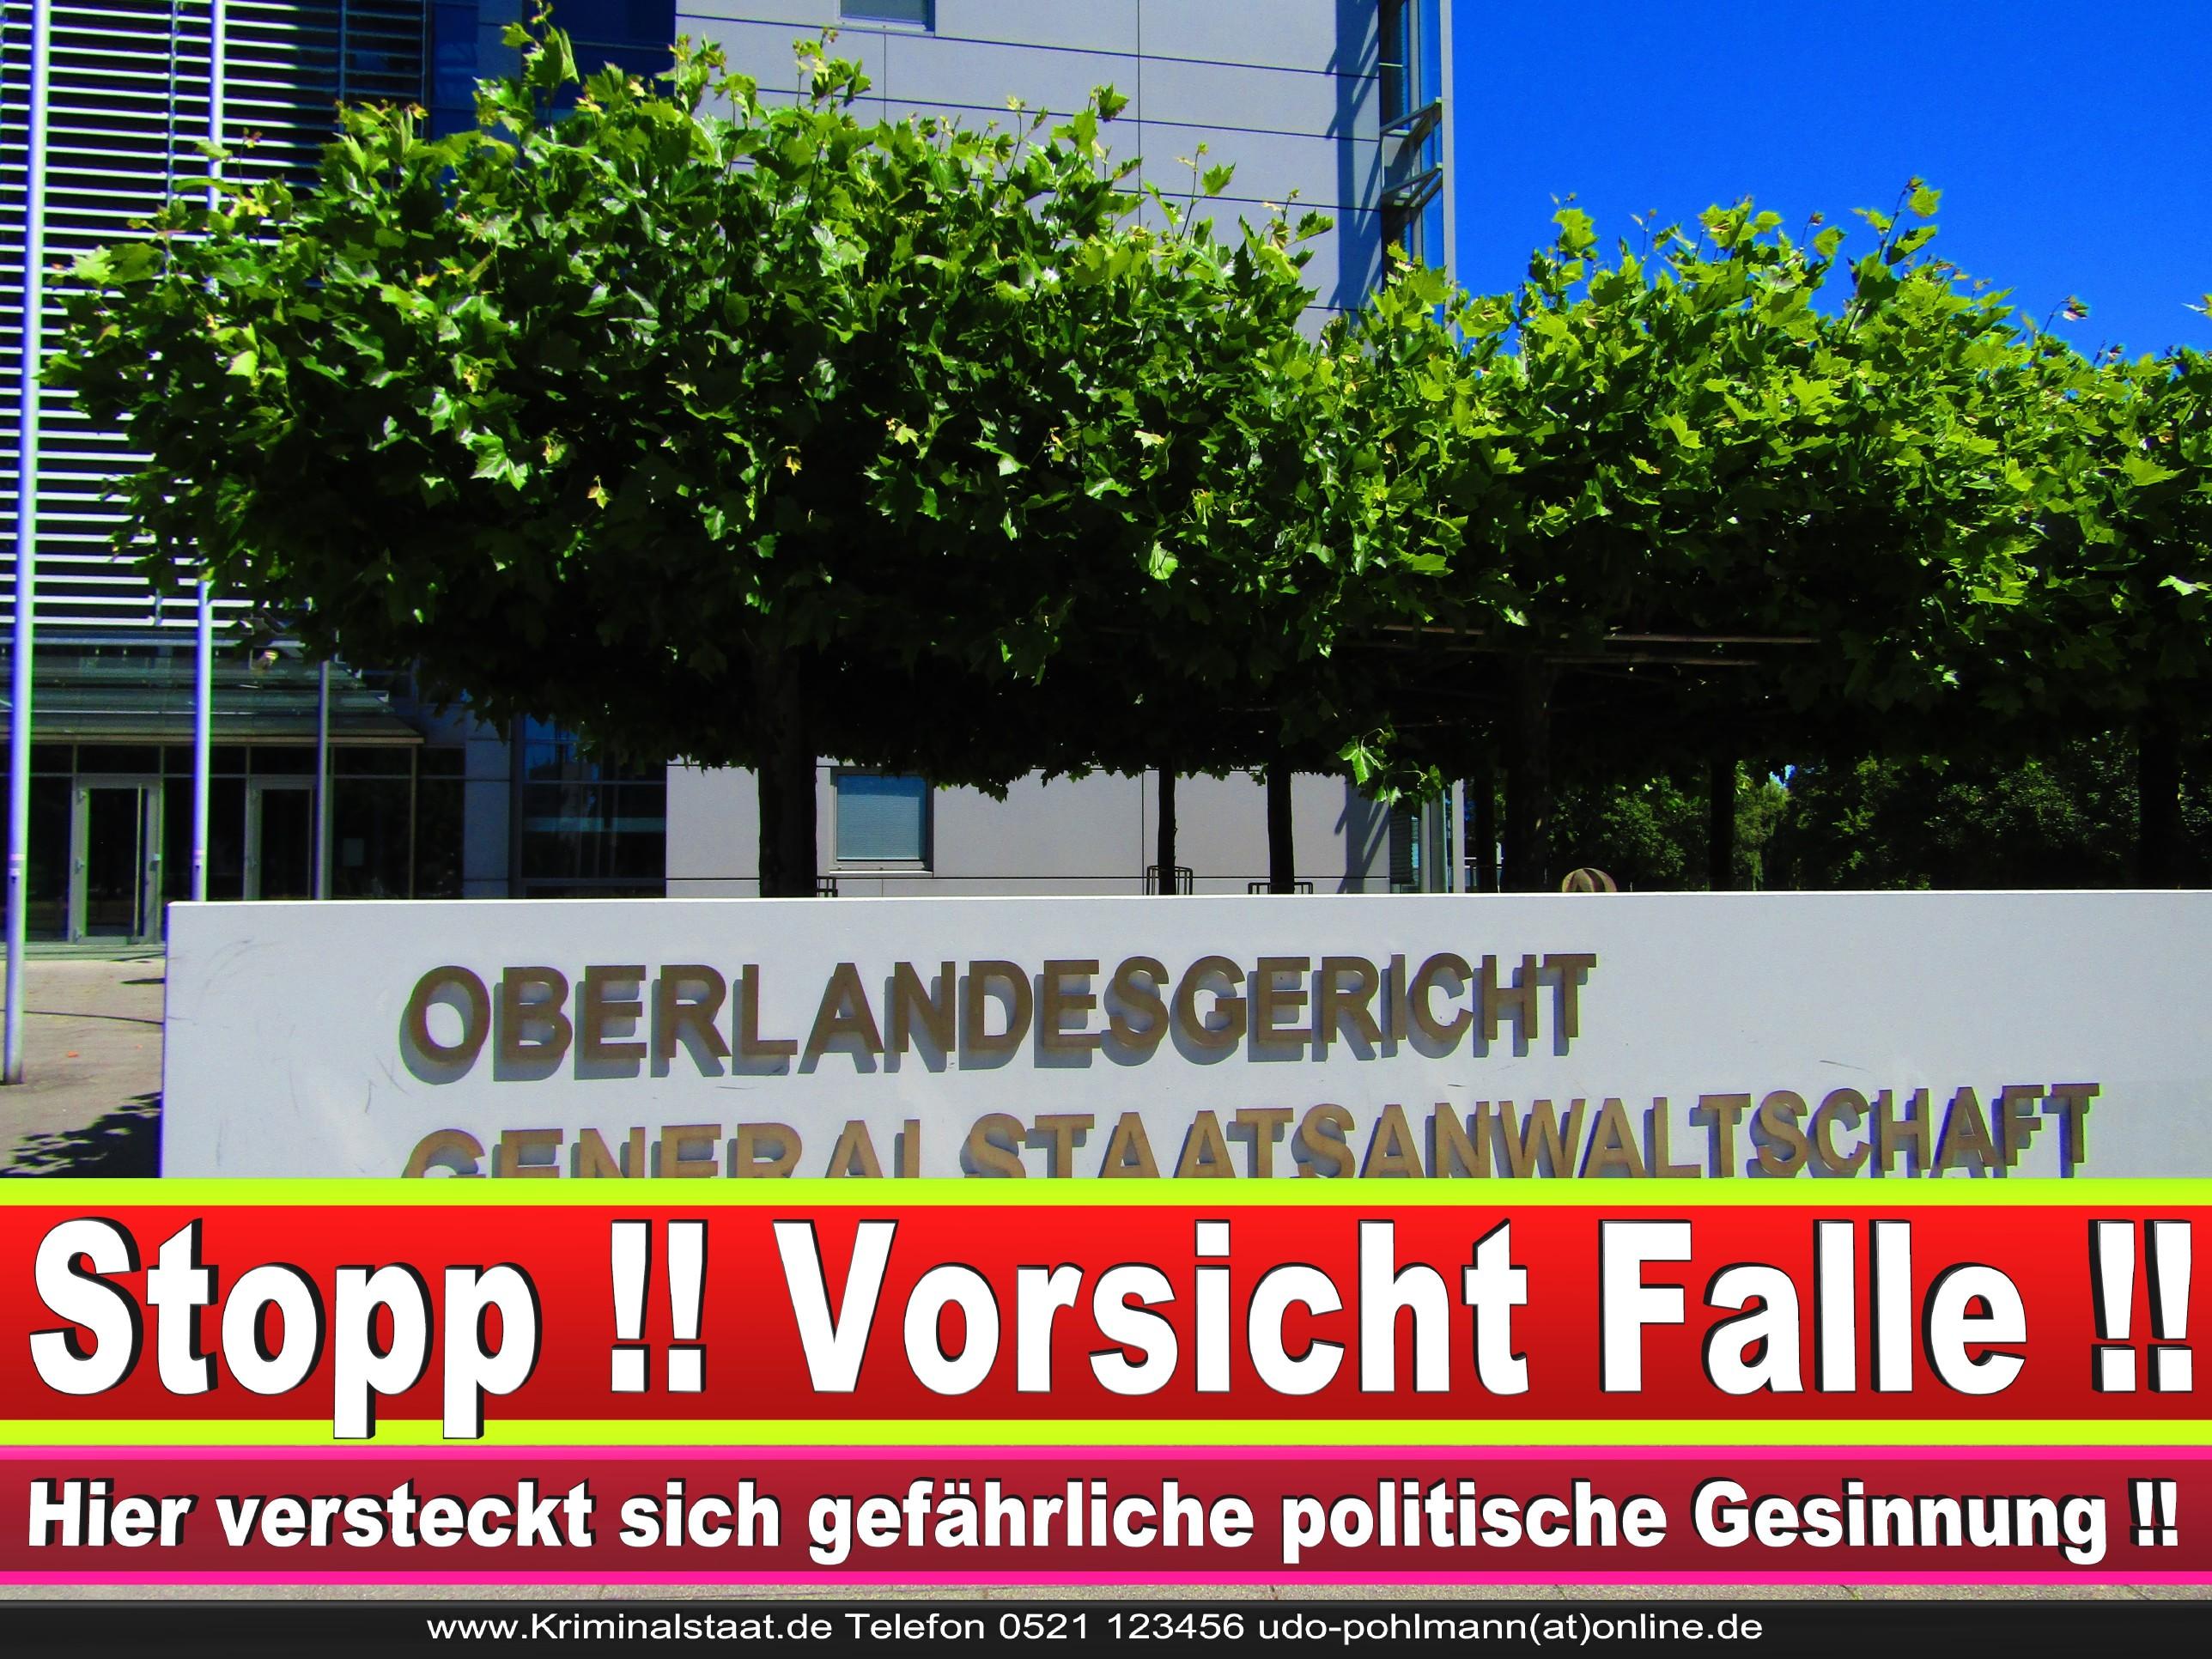 OLG Hamm Oberlandesgericht Hamm Landgericht Polizei Staatsanwaltschaft Generalstaatsanwaltschaft StA GeStA Praktikum Korruption Rechtsbeugung Richter Justiz Justizministerium (33)